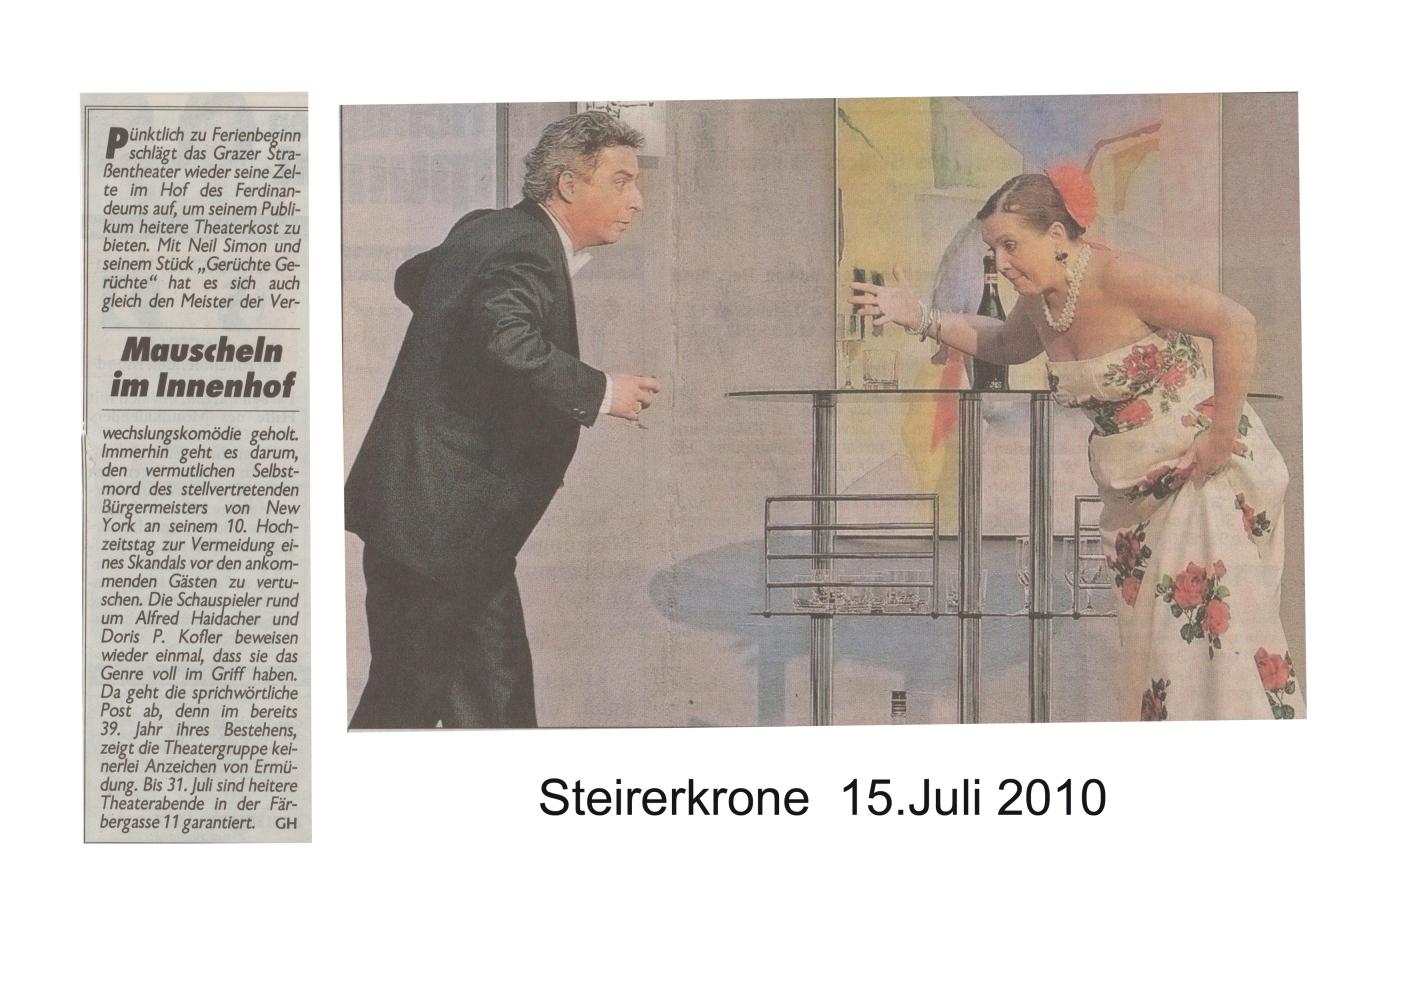 Gerüchte Gerüchte 2010 Zeitung